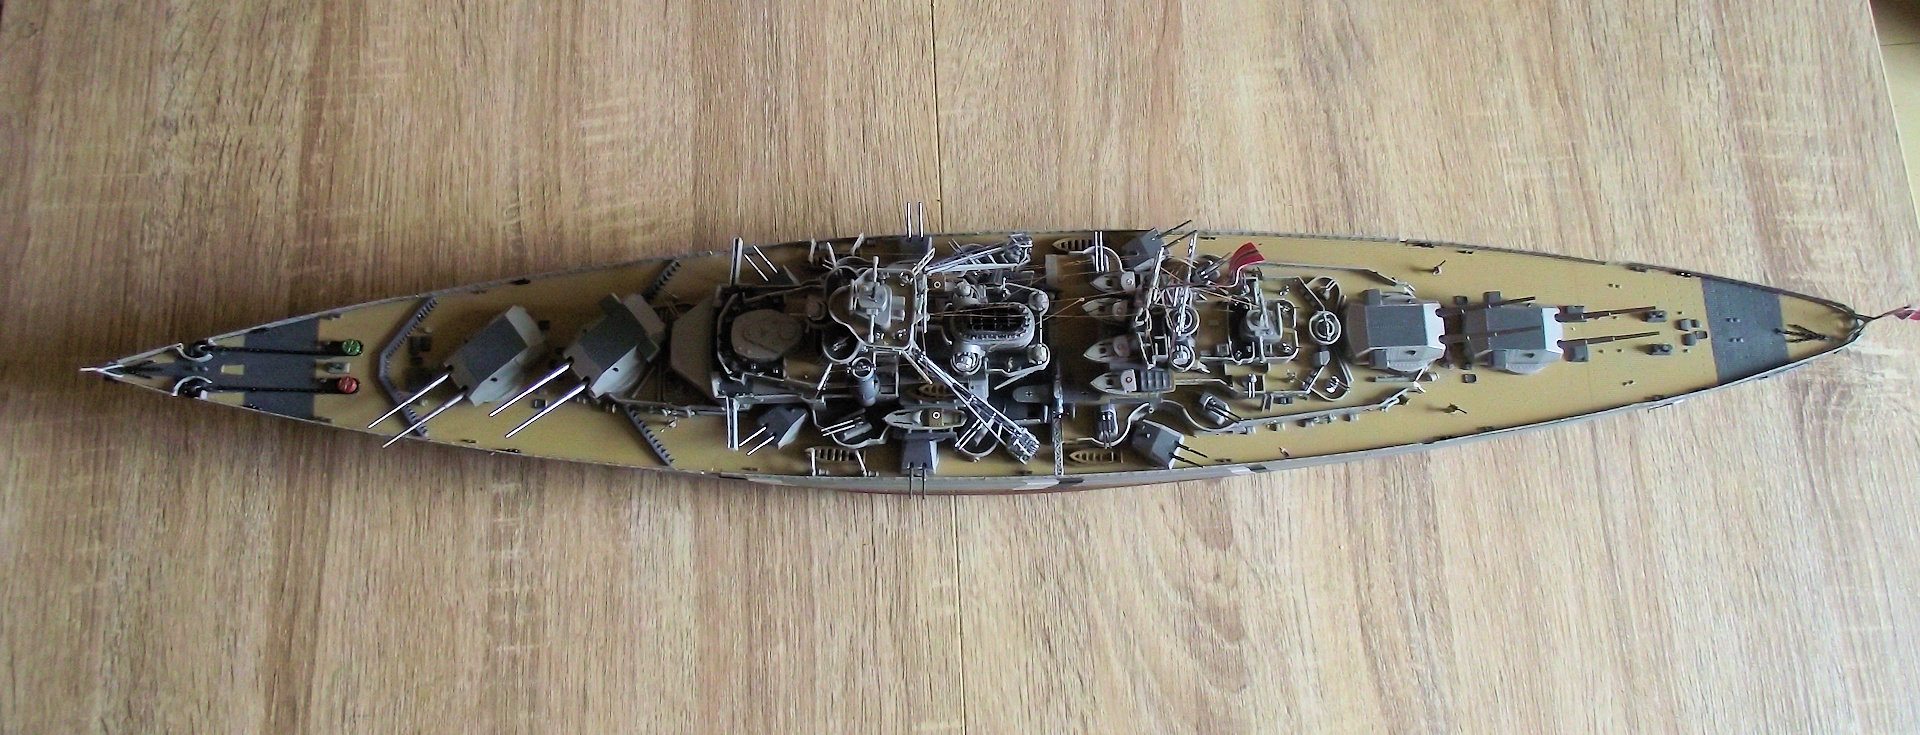 Bismarck Revell au 1x350 Jxtt